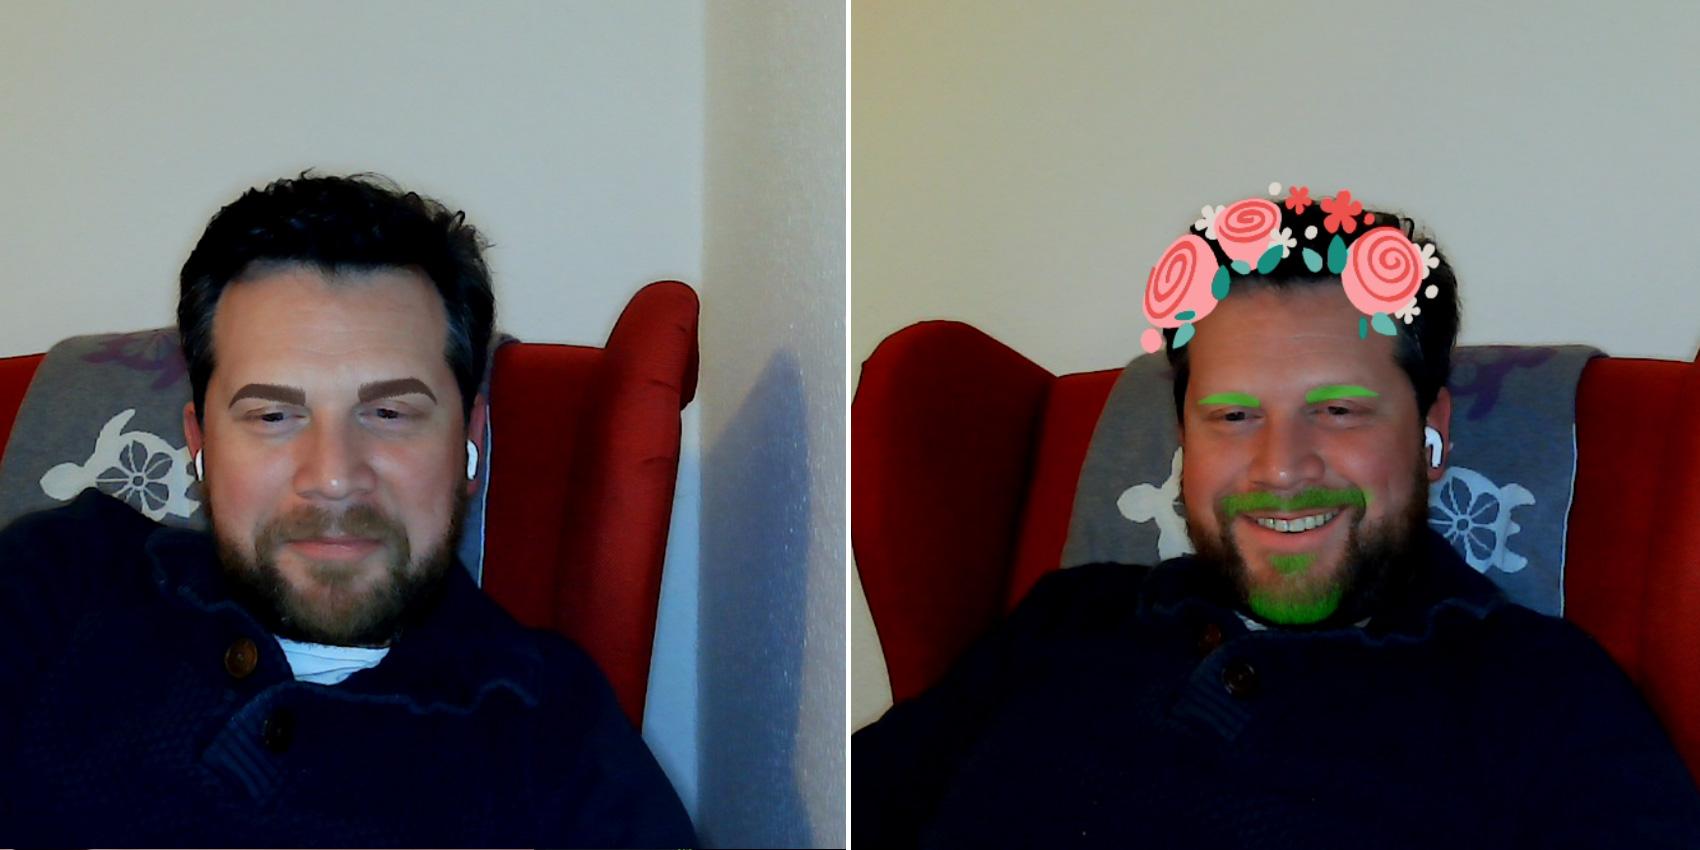 Zwei Mal Johannes. Links mit dicken dunklen Augenbrauen. Rechts mit Blumen in den Haaren und grünen Augenbrauen und Bart.